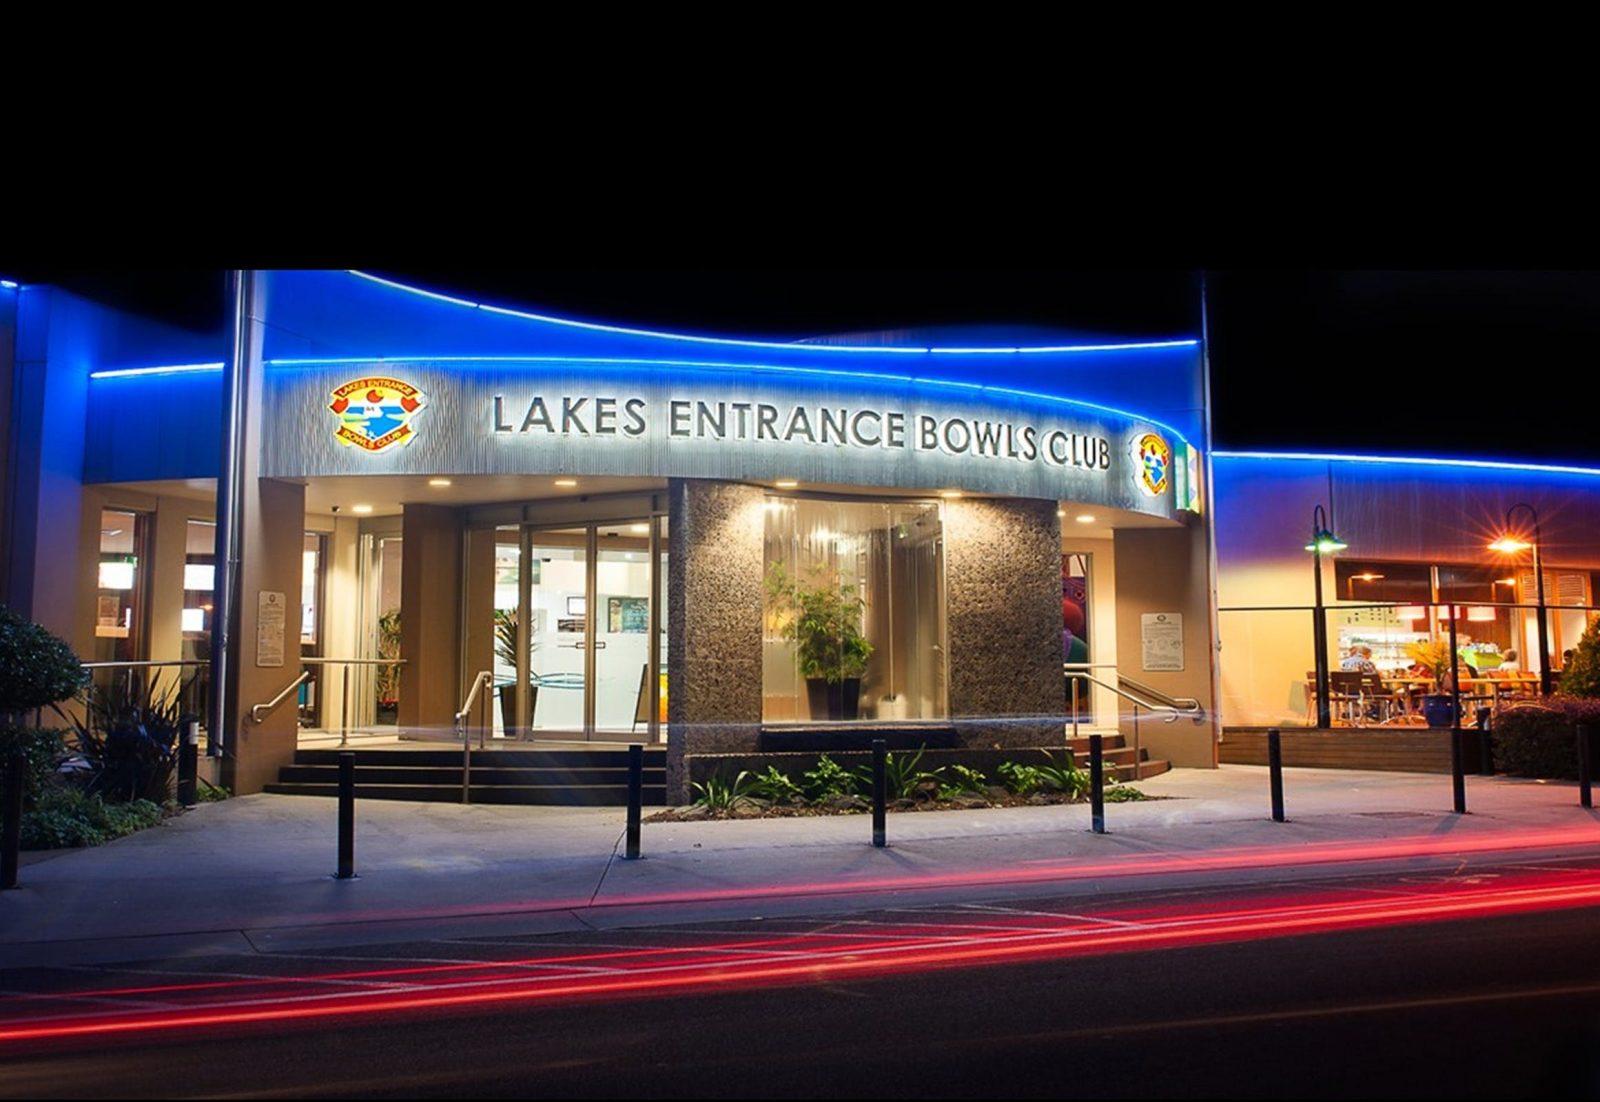 Lakes Entrance Bowls Club